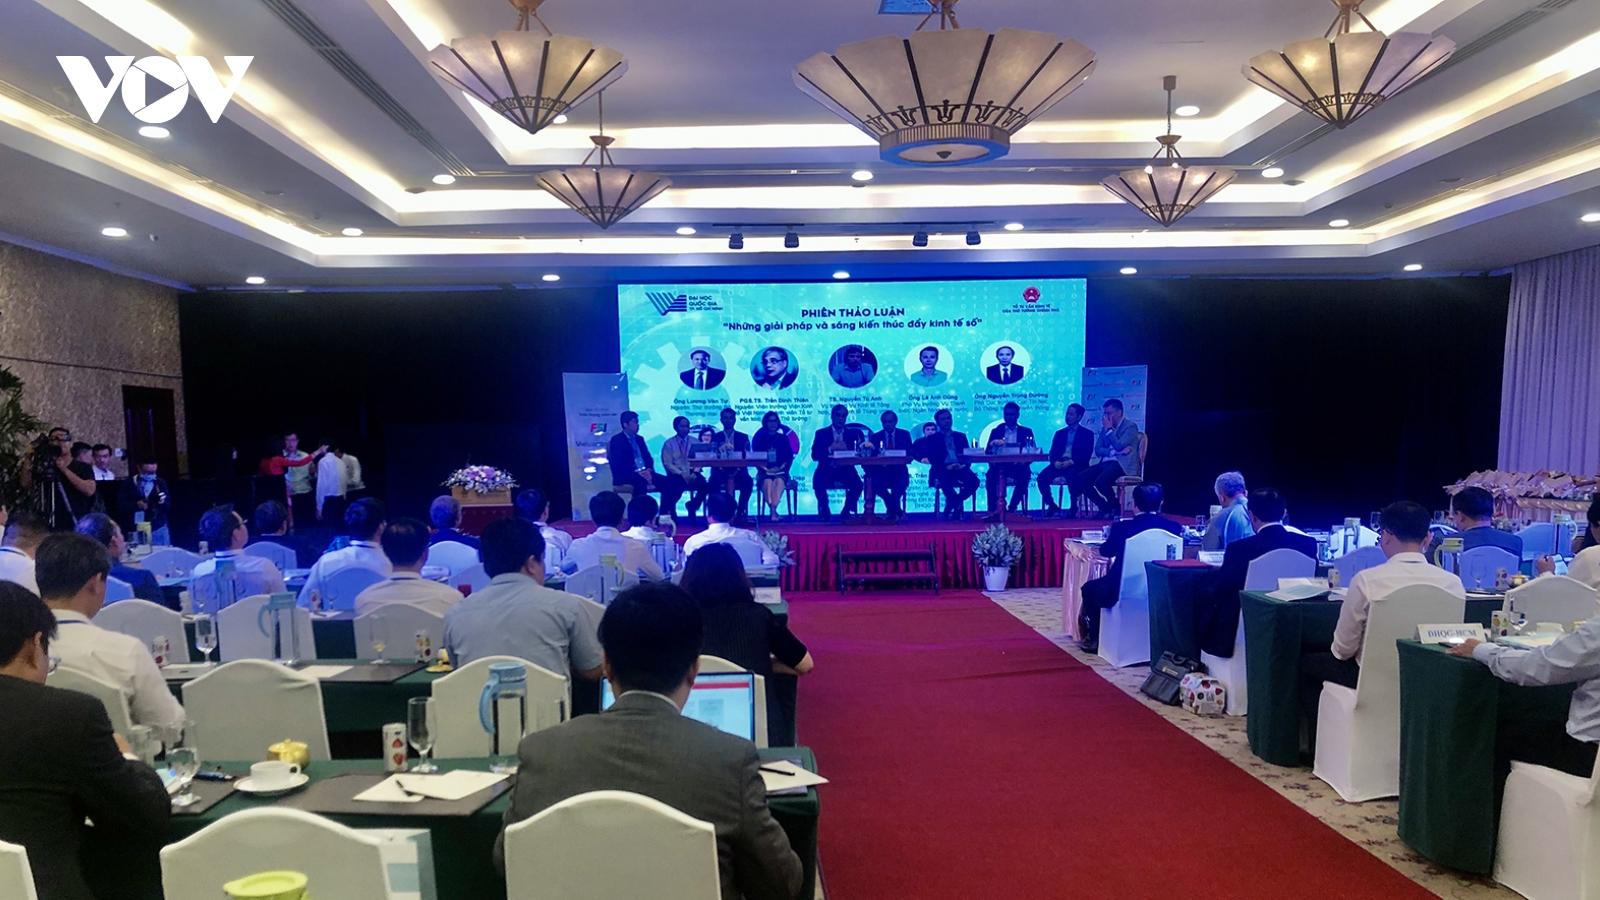 Đại dịch Covid-19 thúc đẩy nhanh phát triển kinh tế số ở Việt Nam